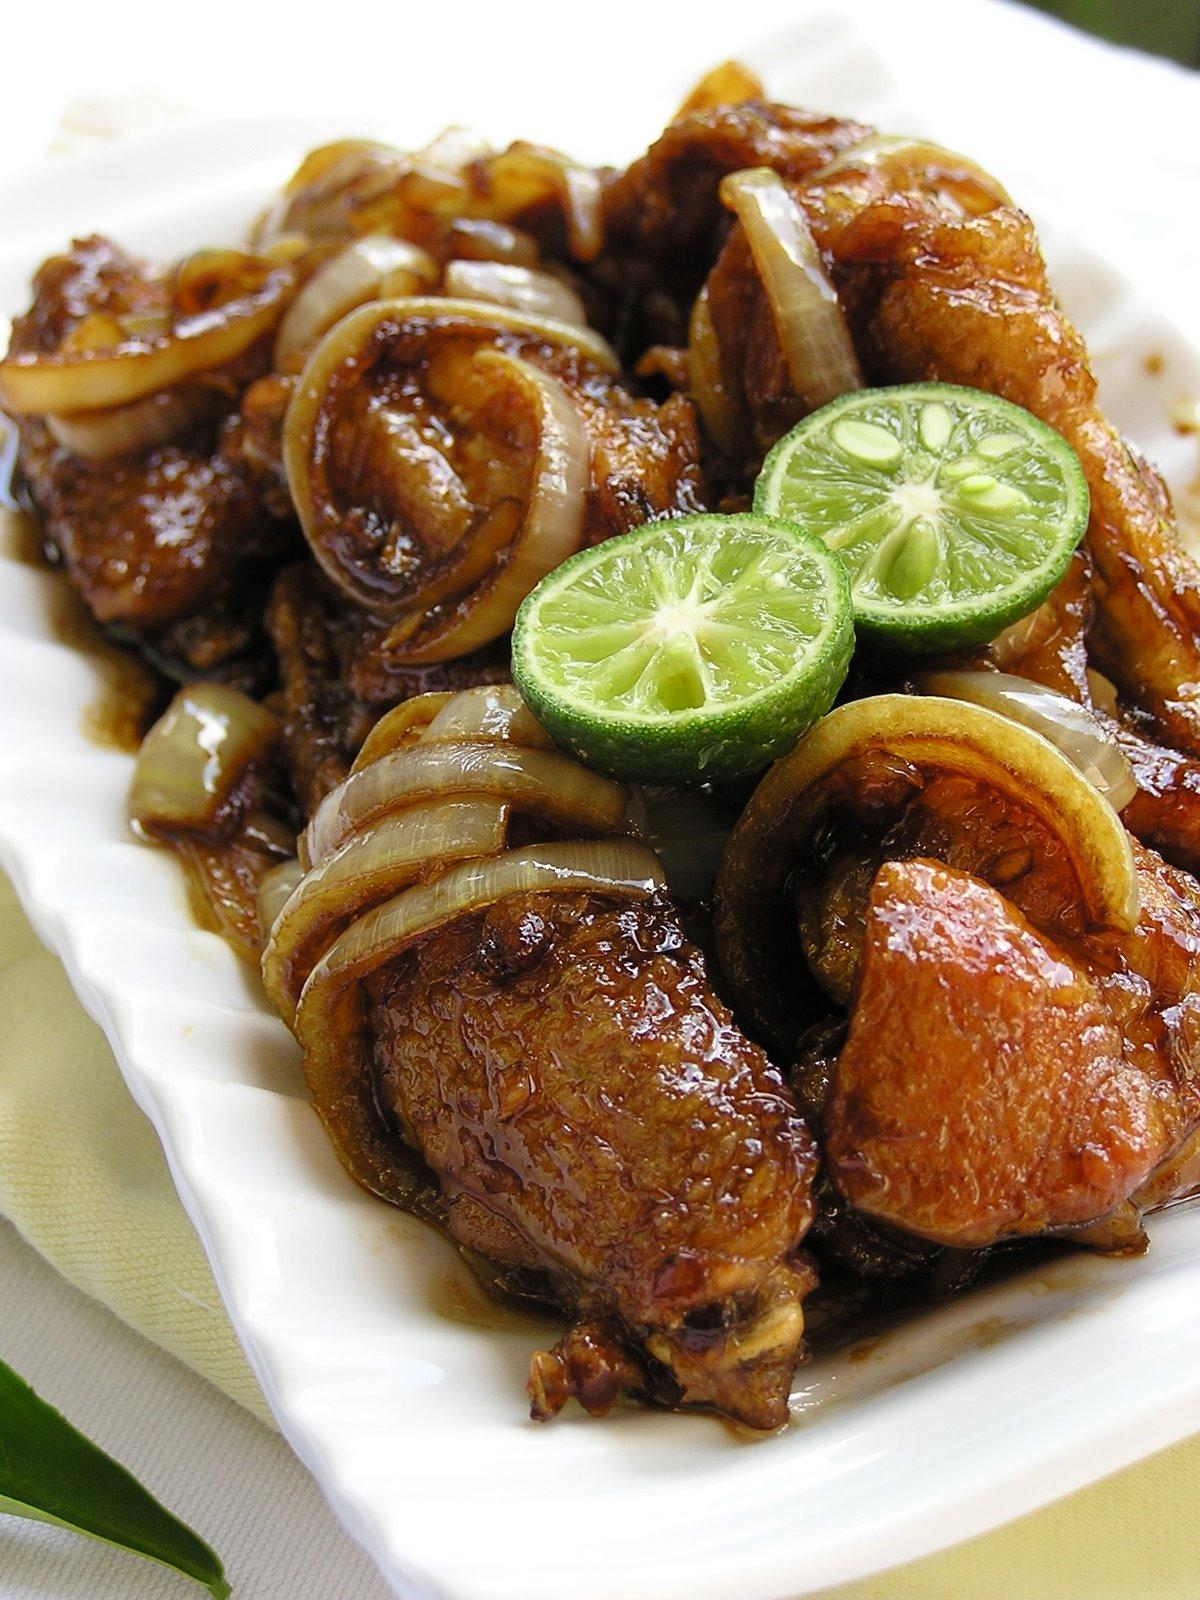 Resep Masakan Ayam Masak Kecap